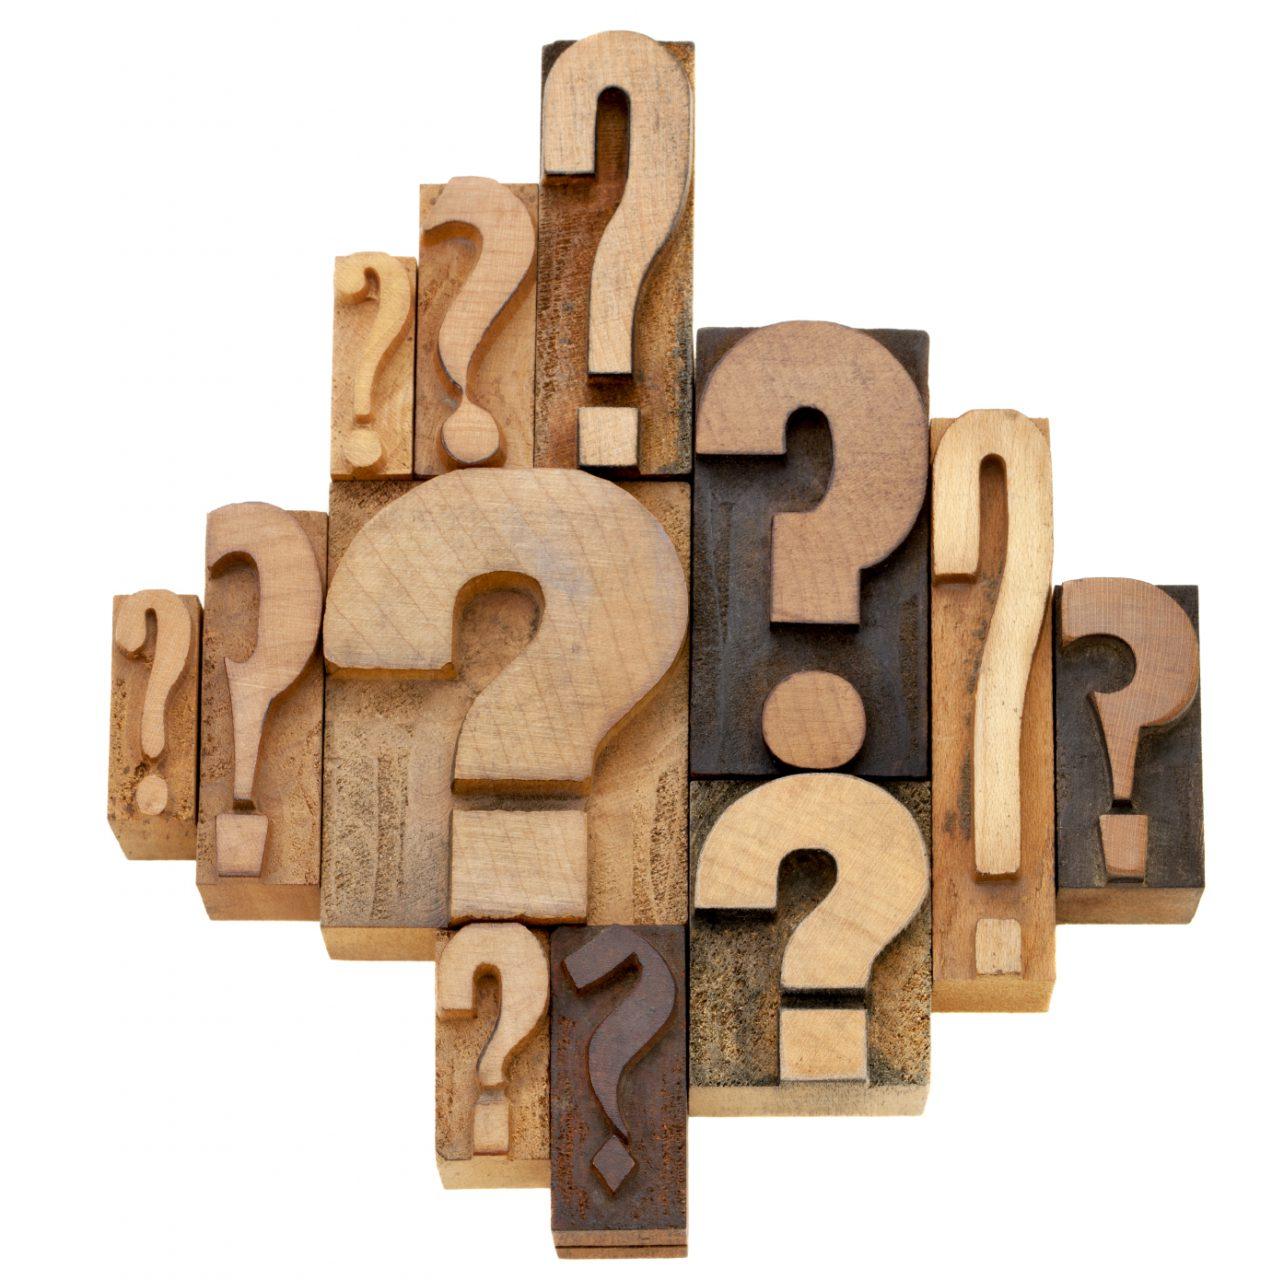 Smarter FAQs